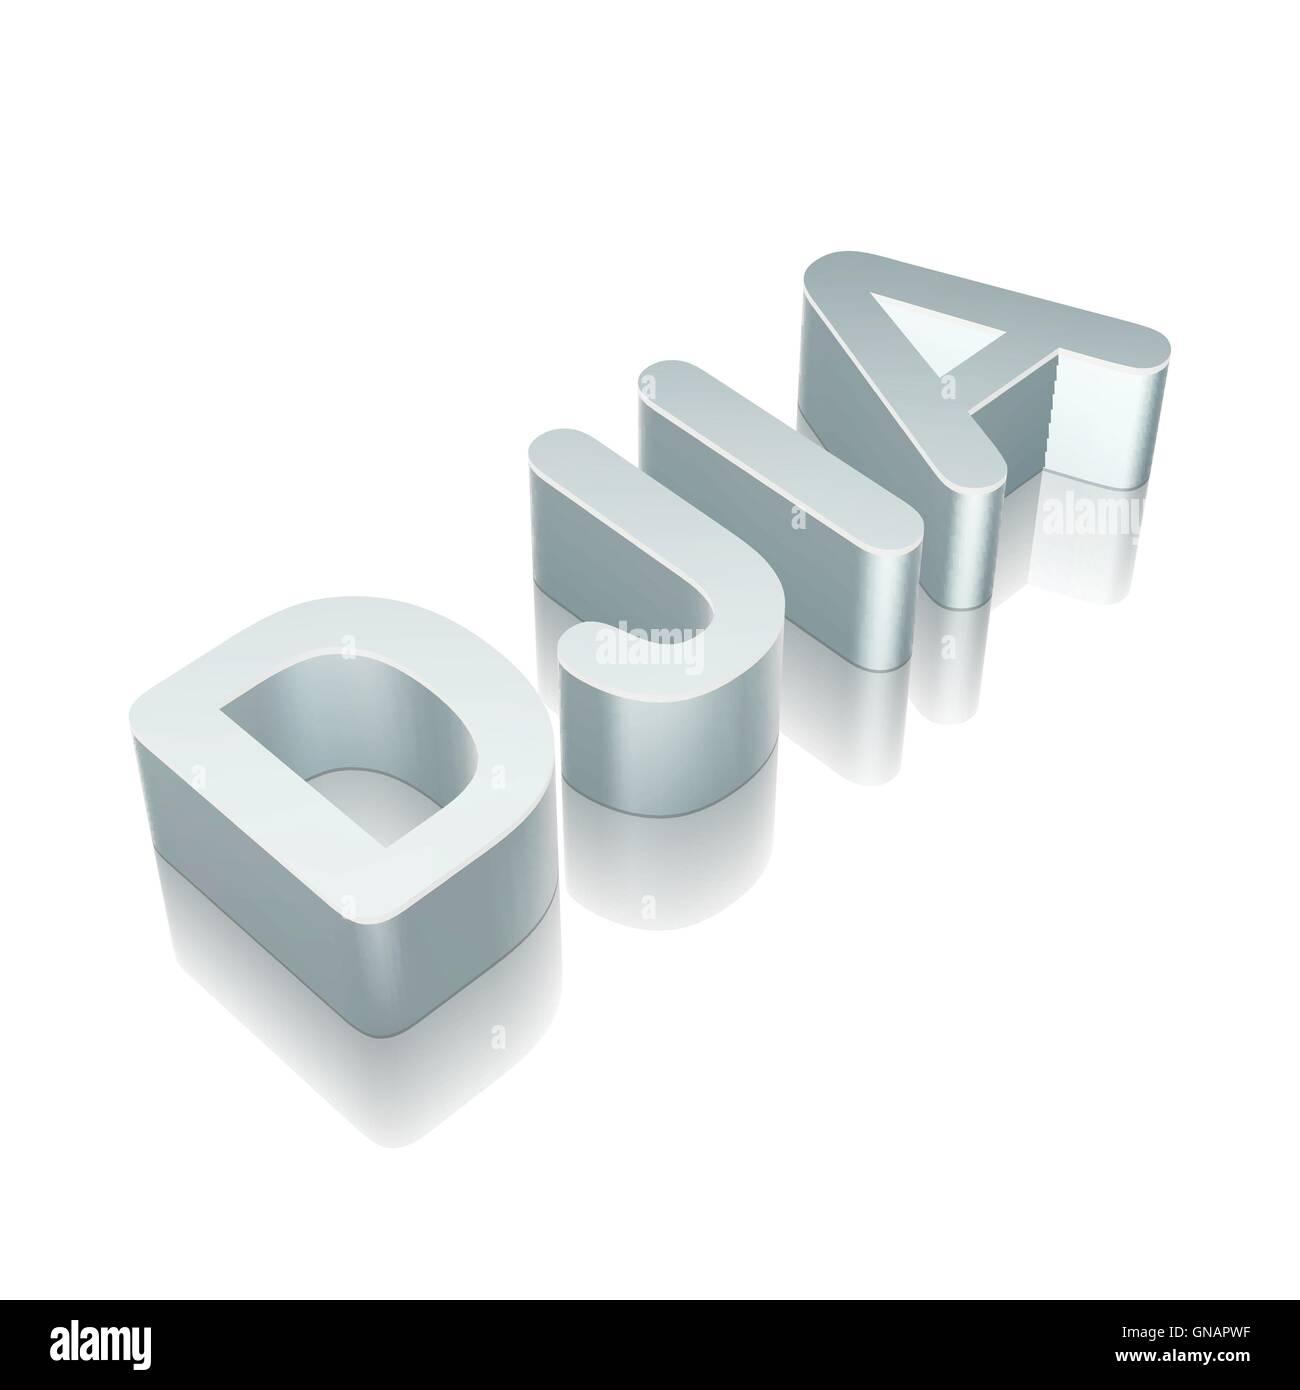 Dow Jones Industrial Average Stock Vector Images Alamy